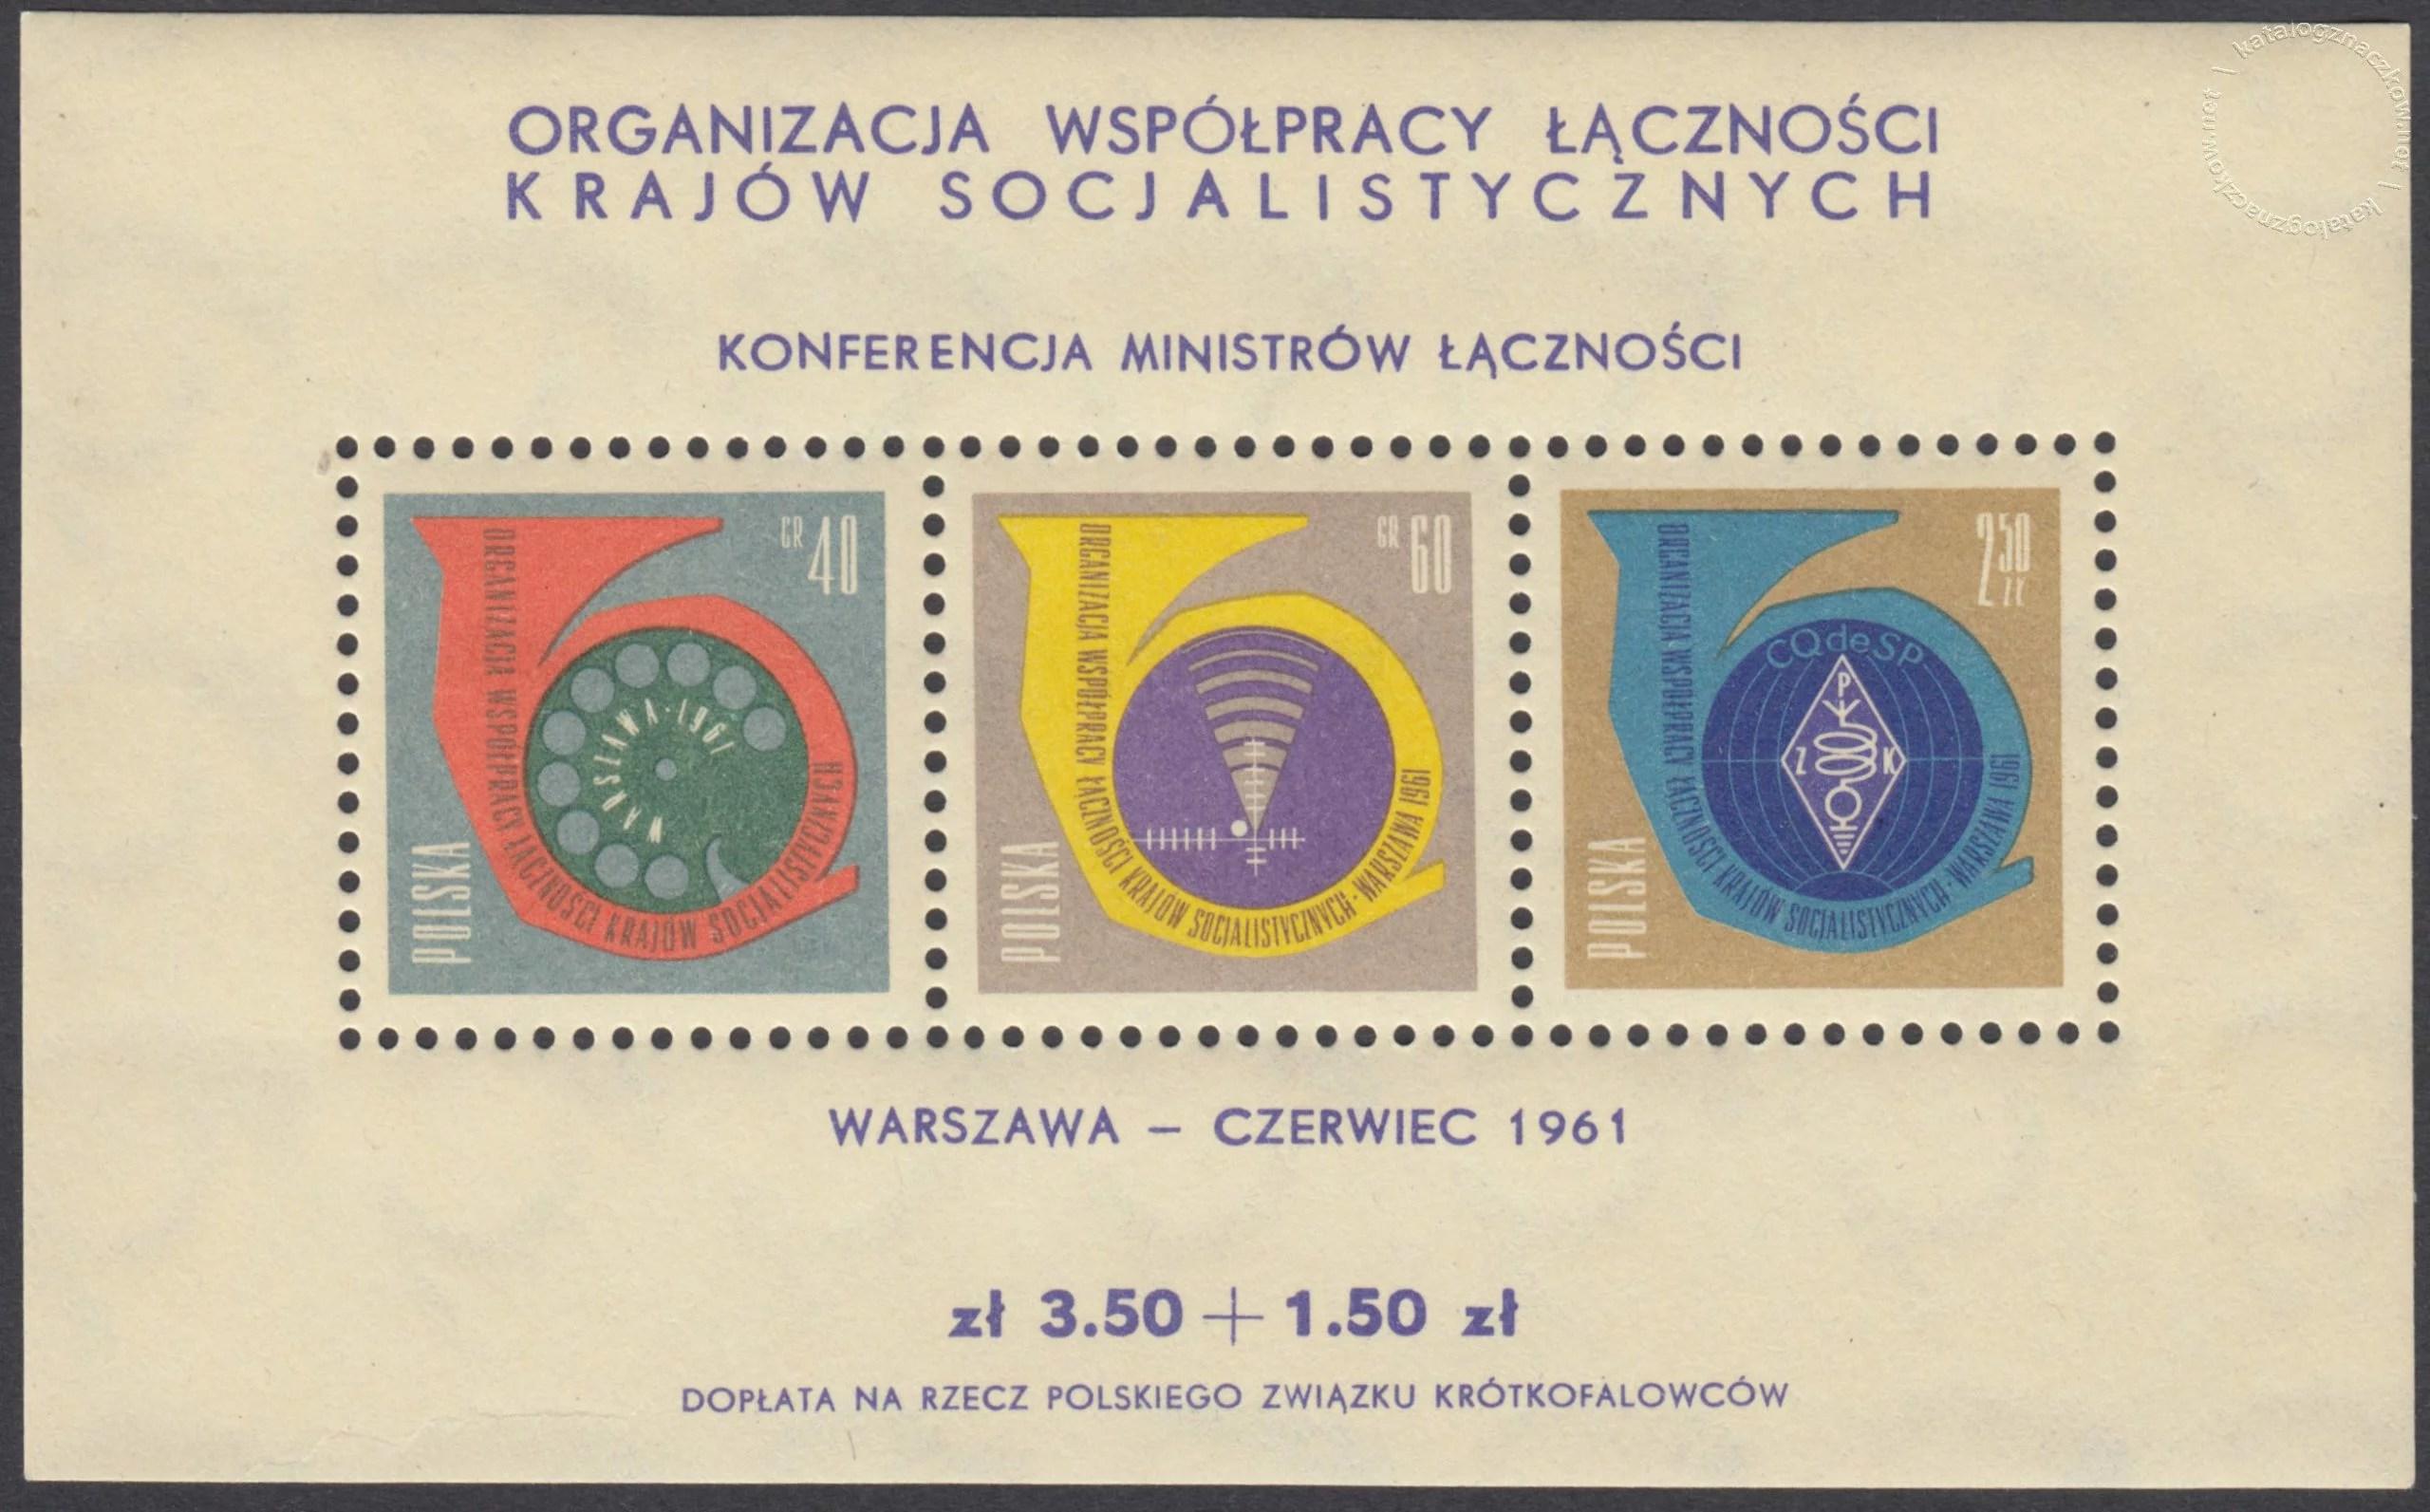 Konferencja Ministrów Łączności Krajów Socjalistycznych – Blok 22